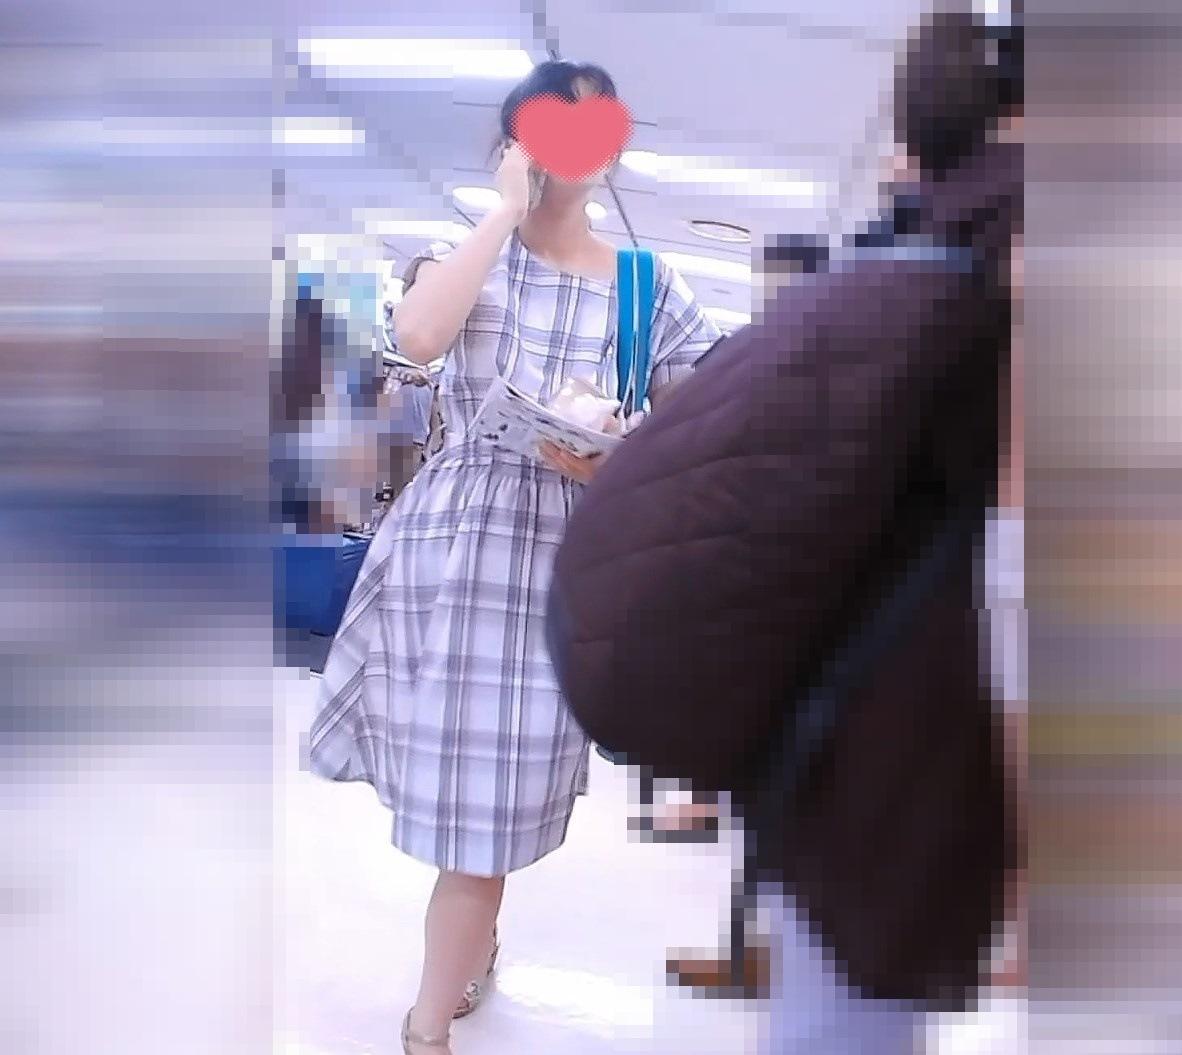 <新作>かわいい私服ちゃんたちのおパンツ拝見(No.39)画像つき詳細レビュー